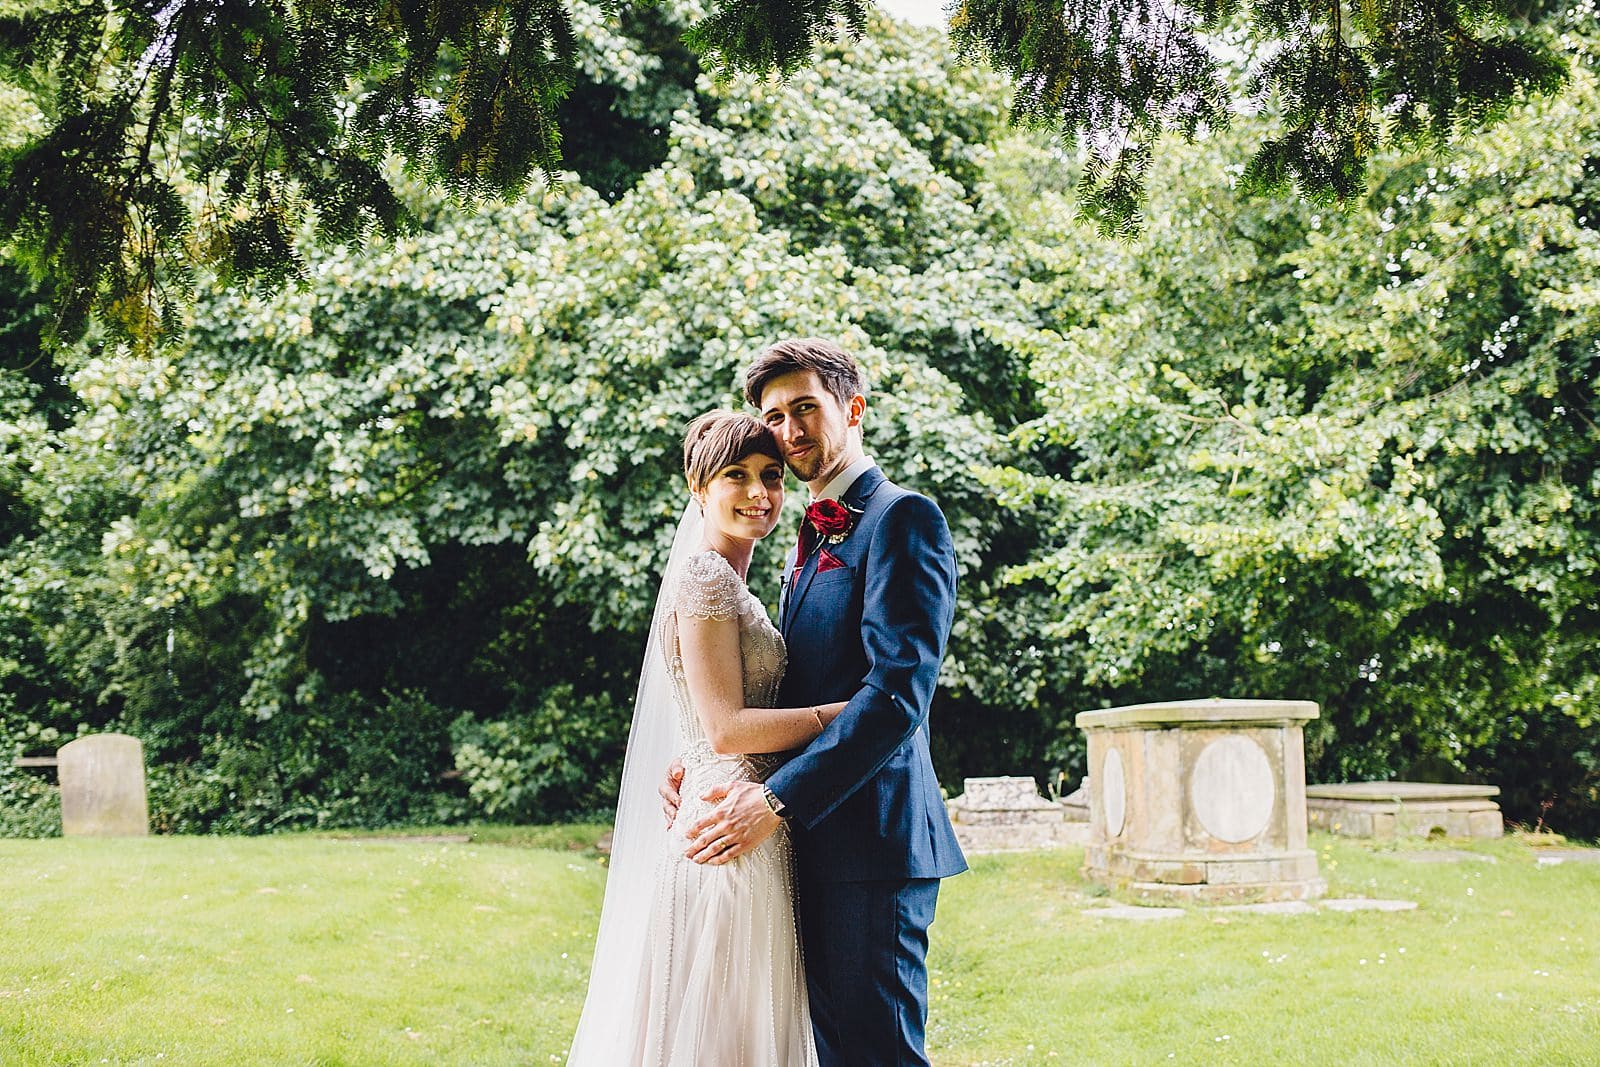 shustoke-barn-wedding-photography_0093